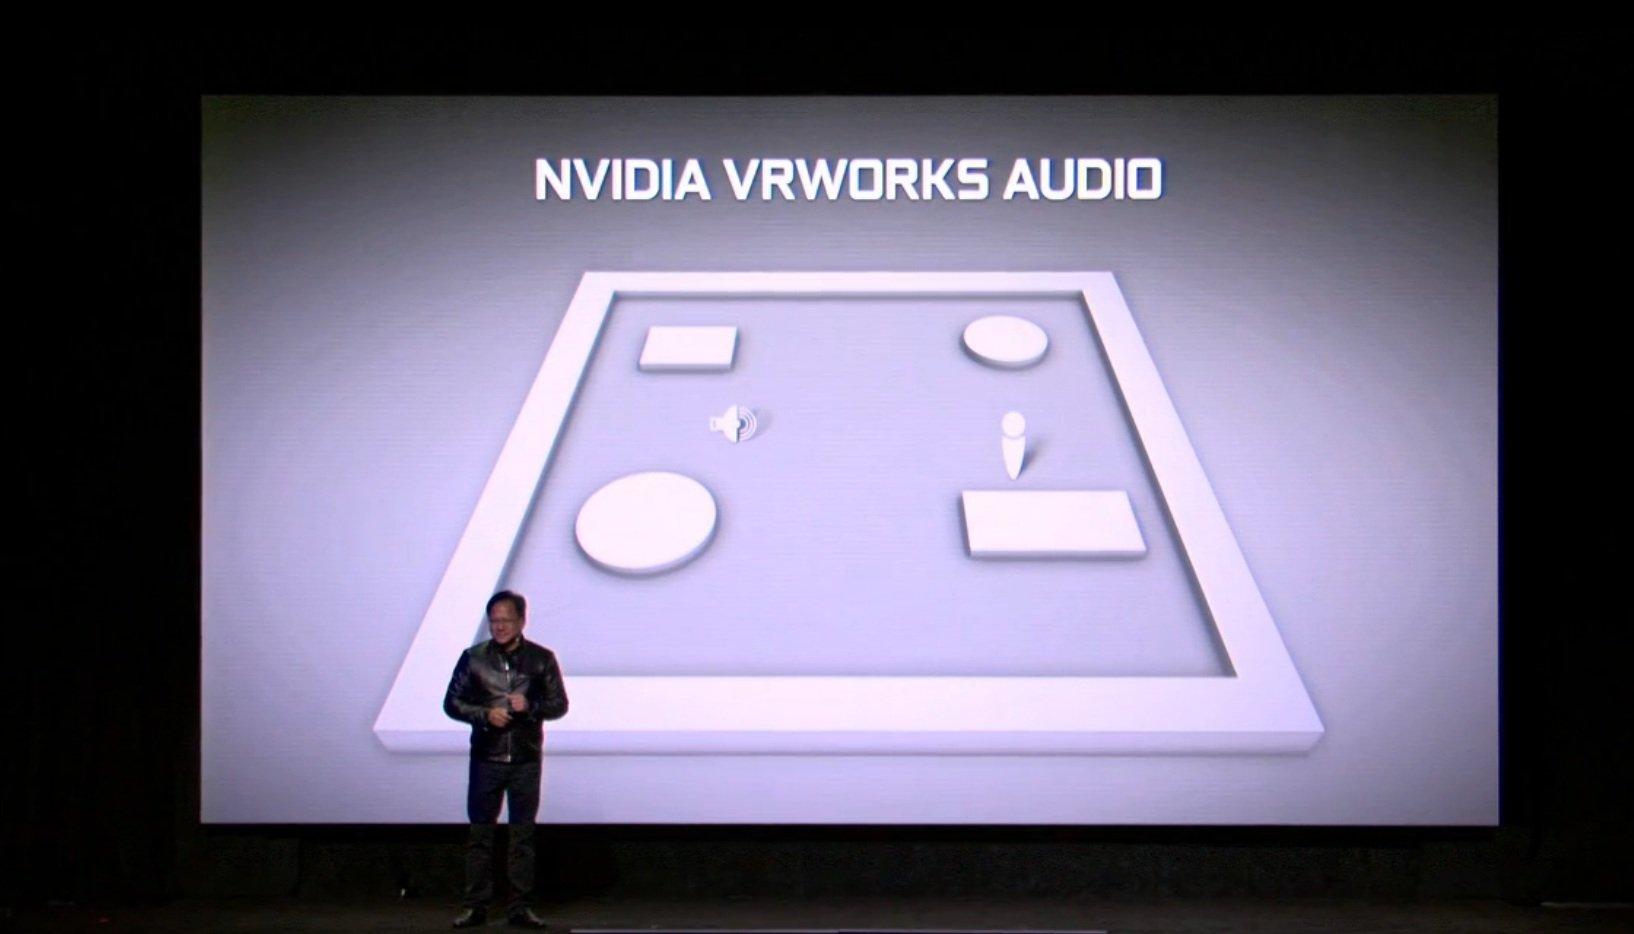 nvidia-vrworks-audio